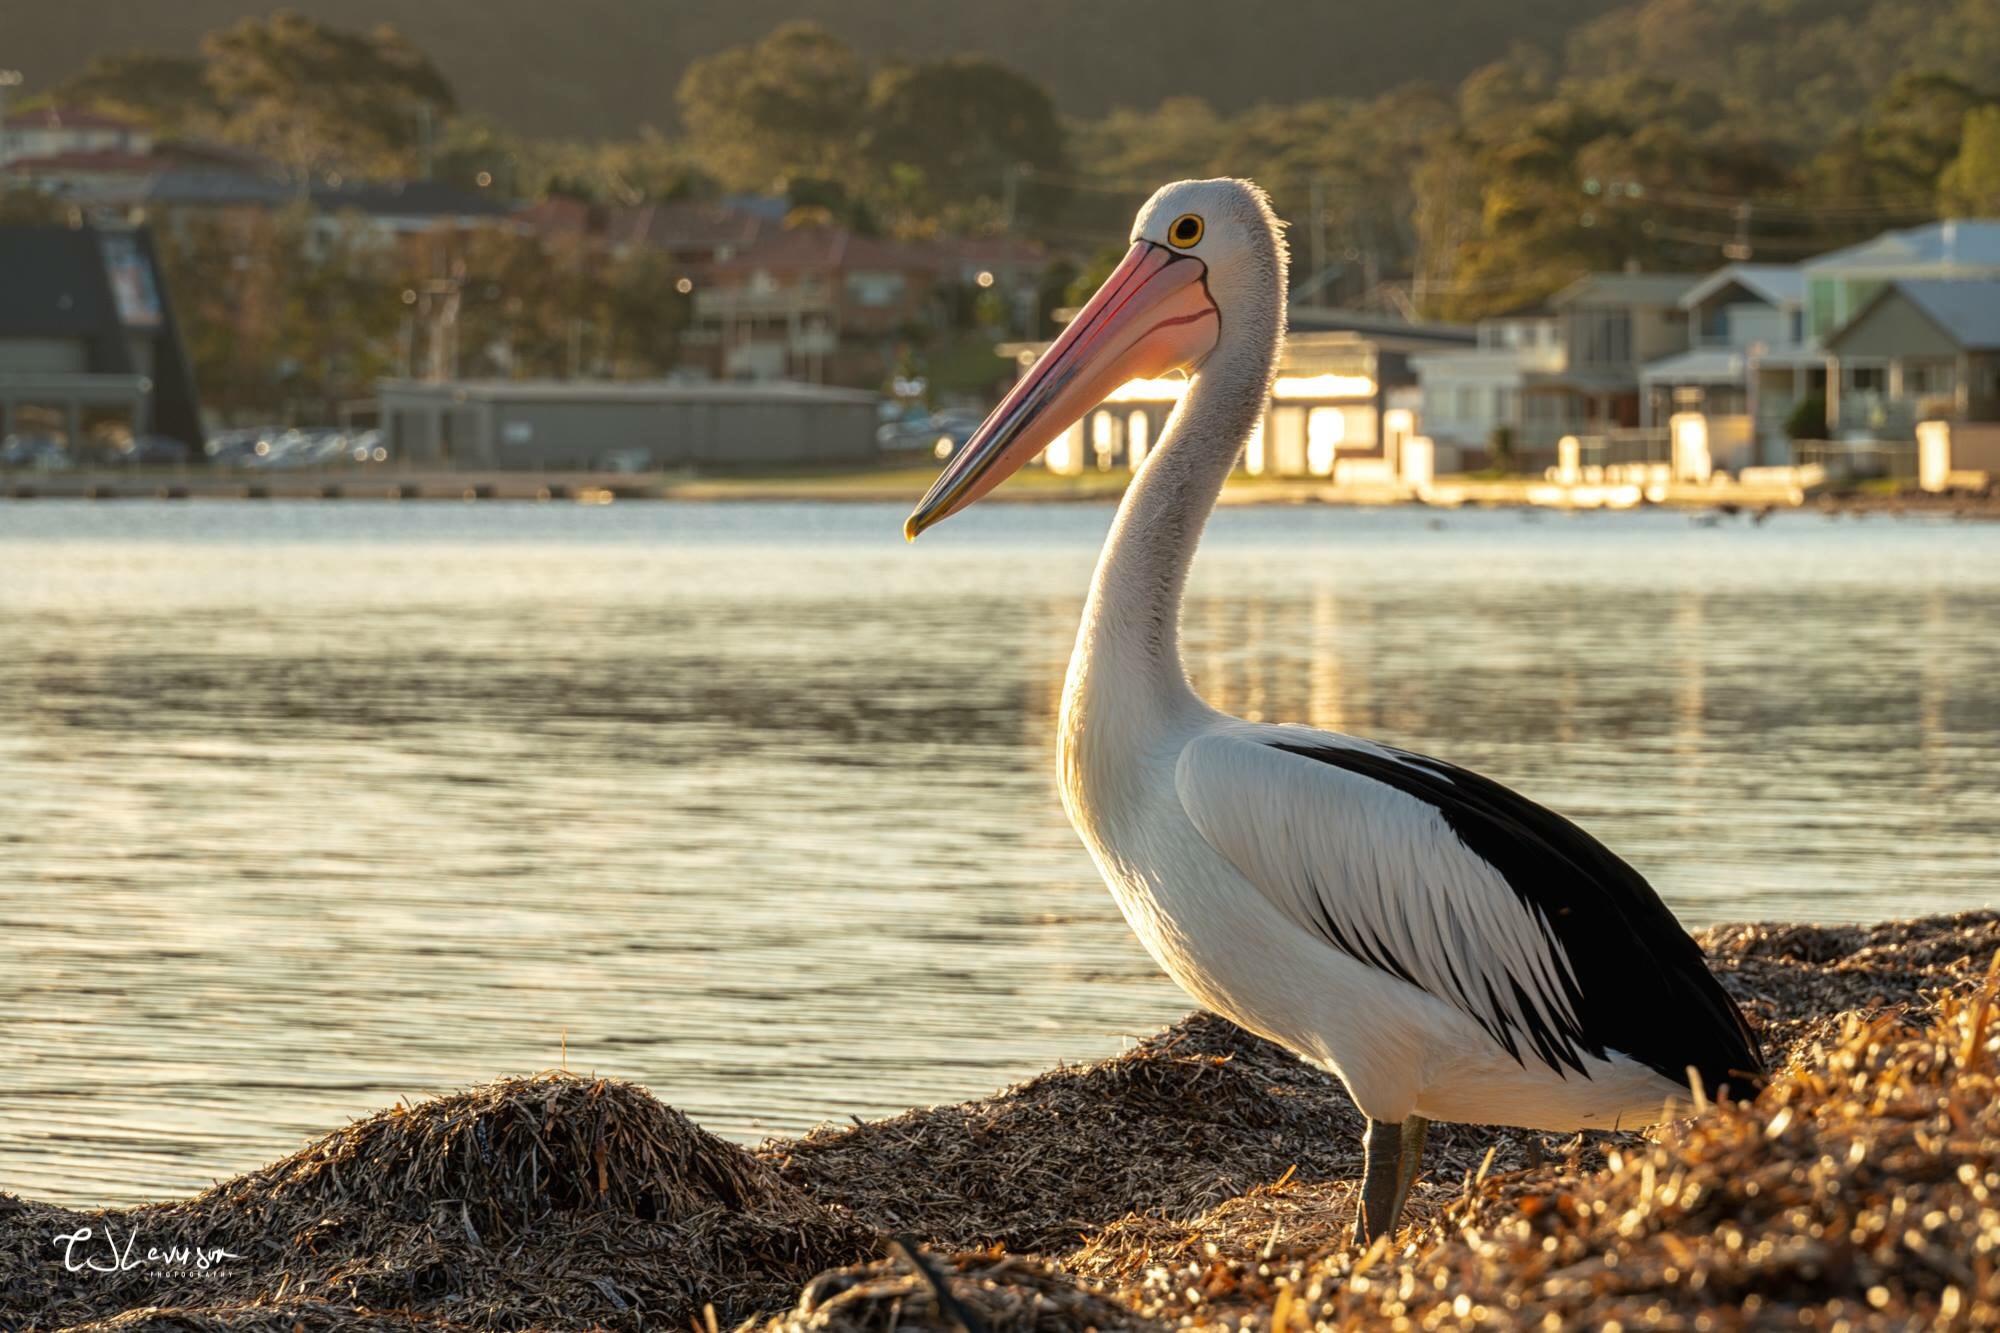 Mr Percival the Pelican